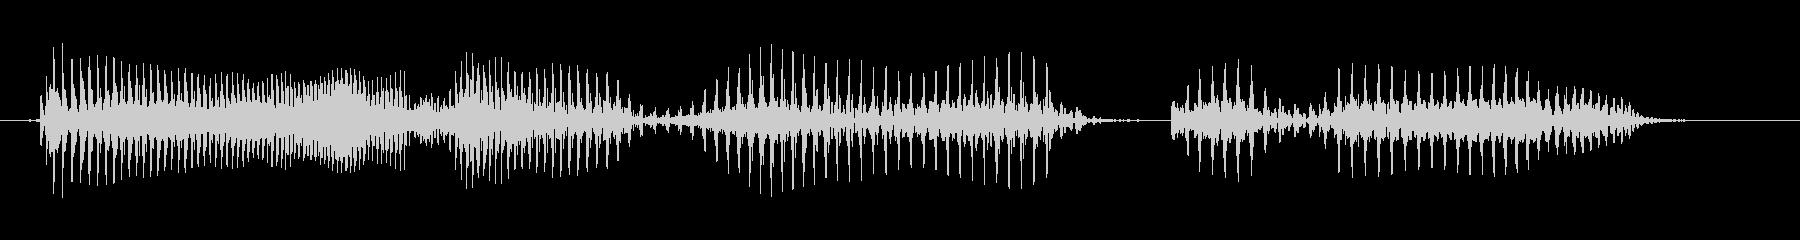 シニア男性A:何をすべきかわからないの未再生の波形